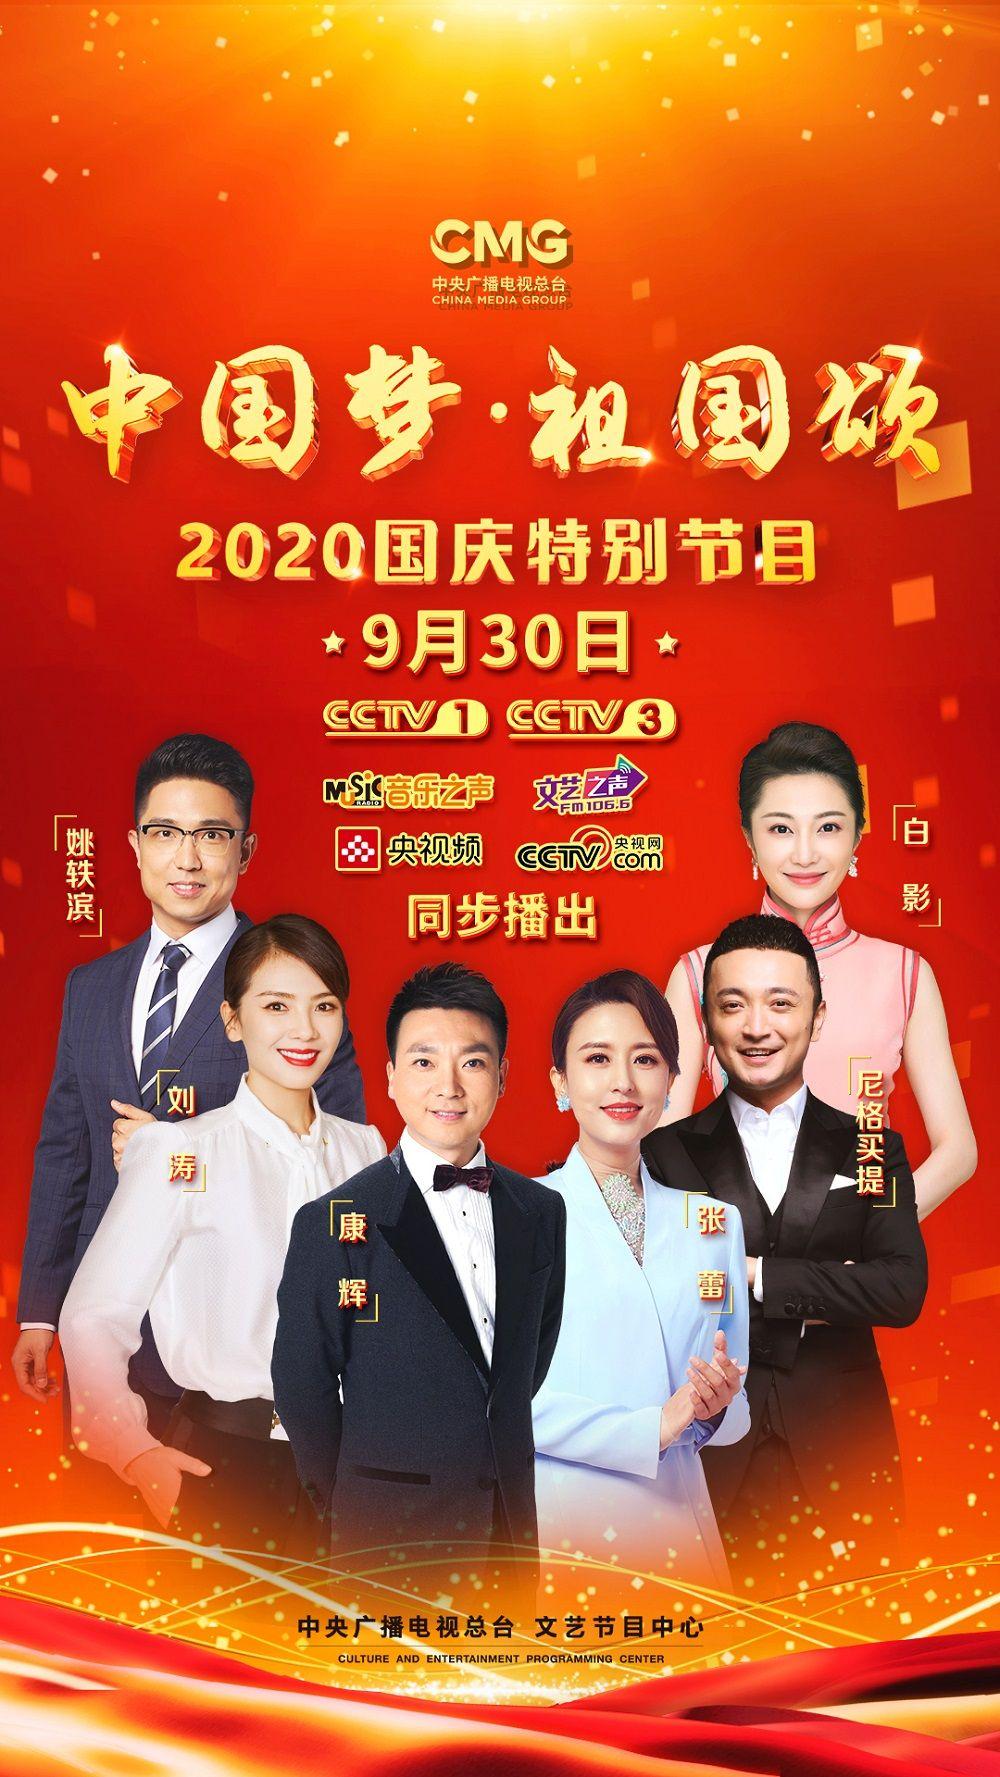 花式告白祖国!央视2020国庆晚会将于9月30日黄金时间播出